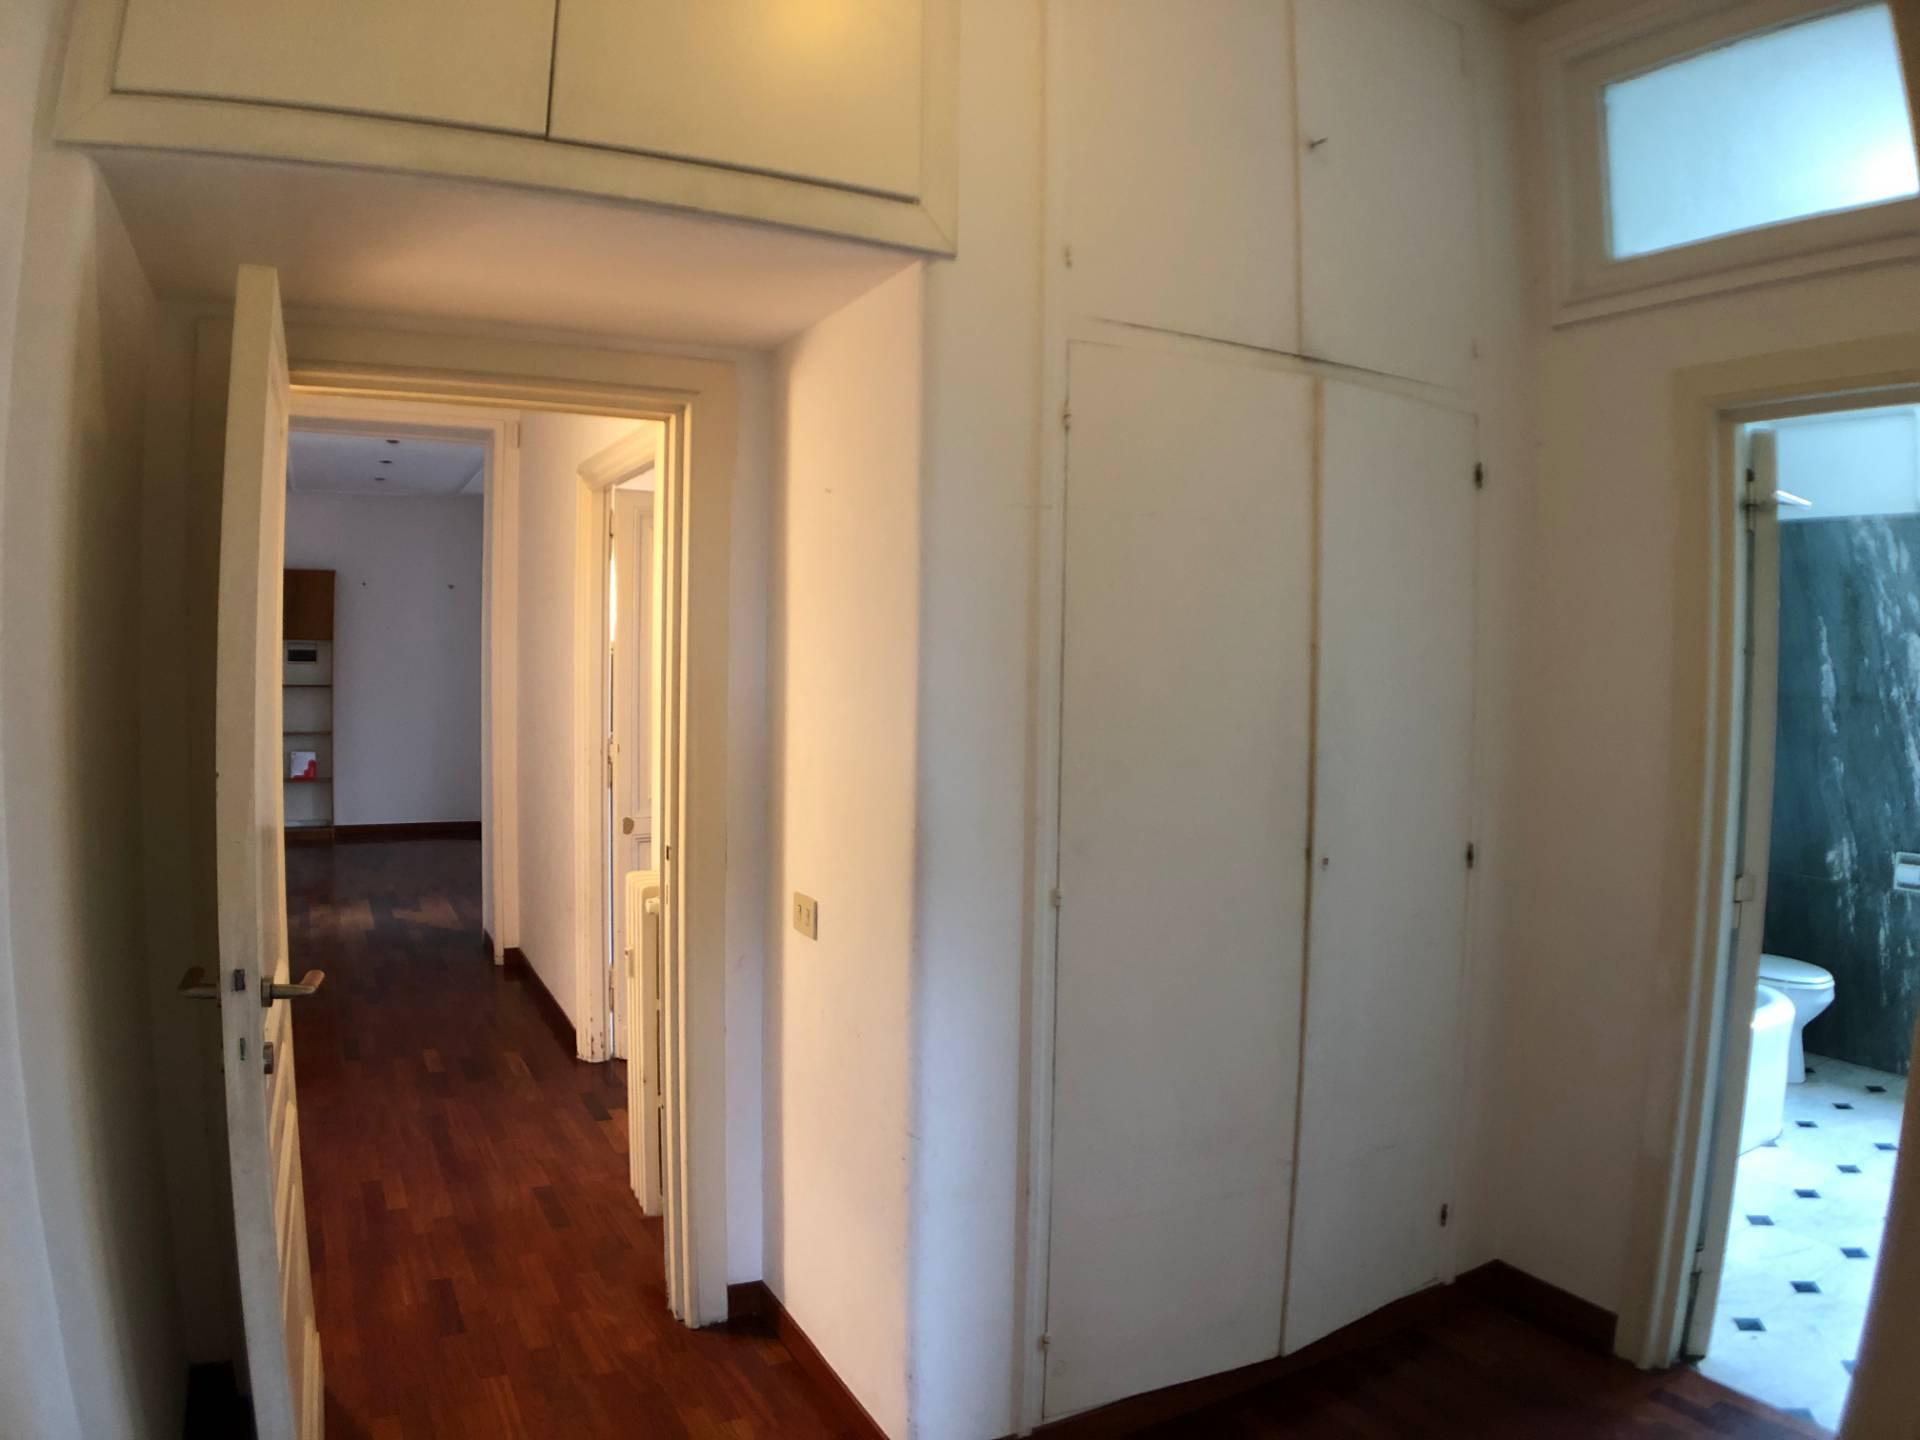 Appartamento di lusso in affitto a roma via nomentana for Appartamento affitto arredato roma